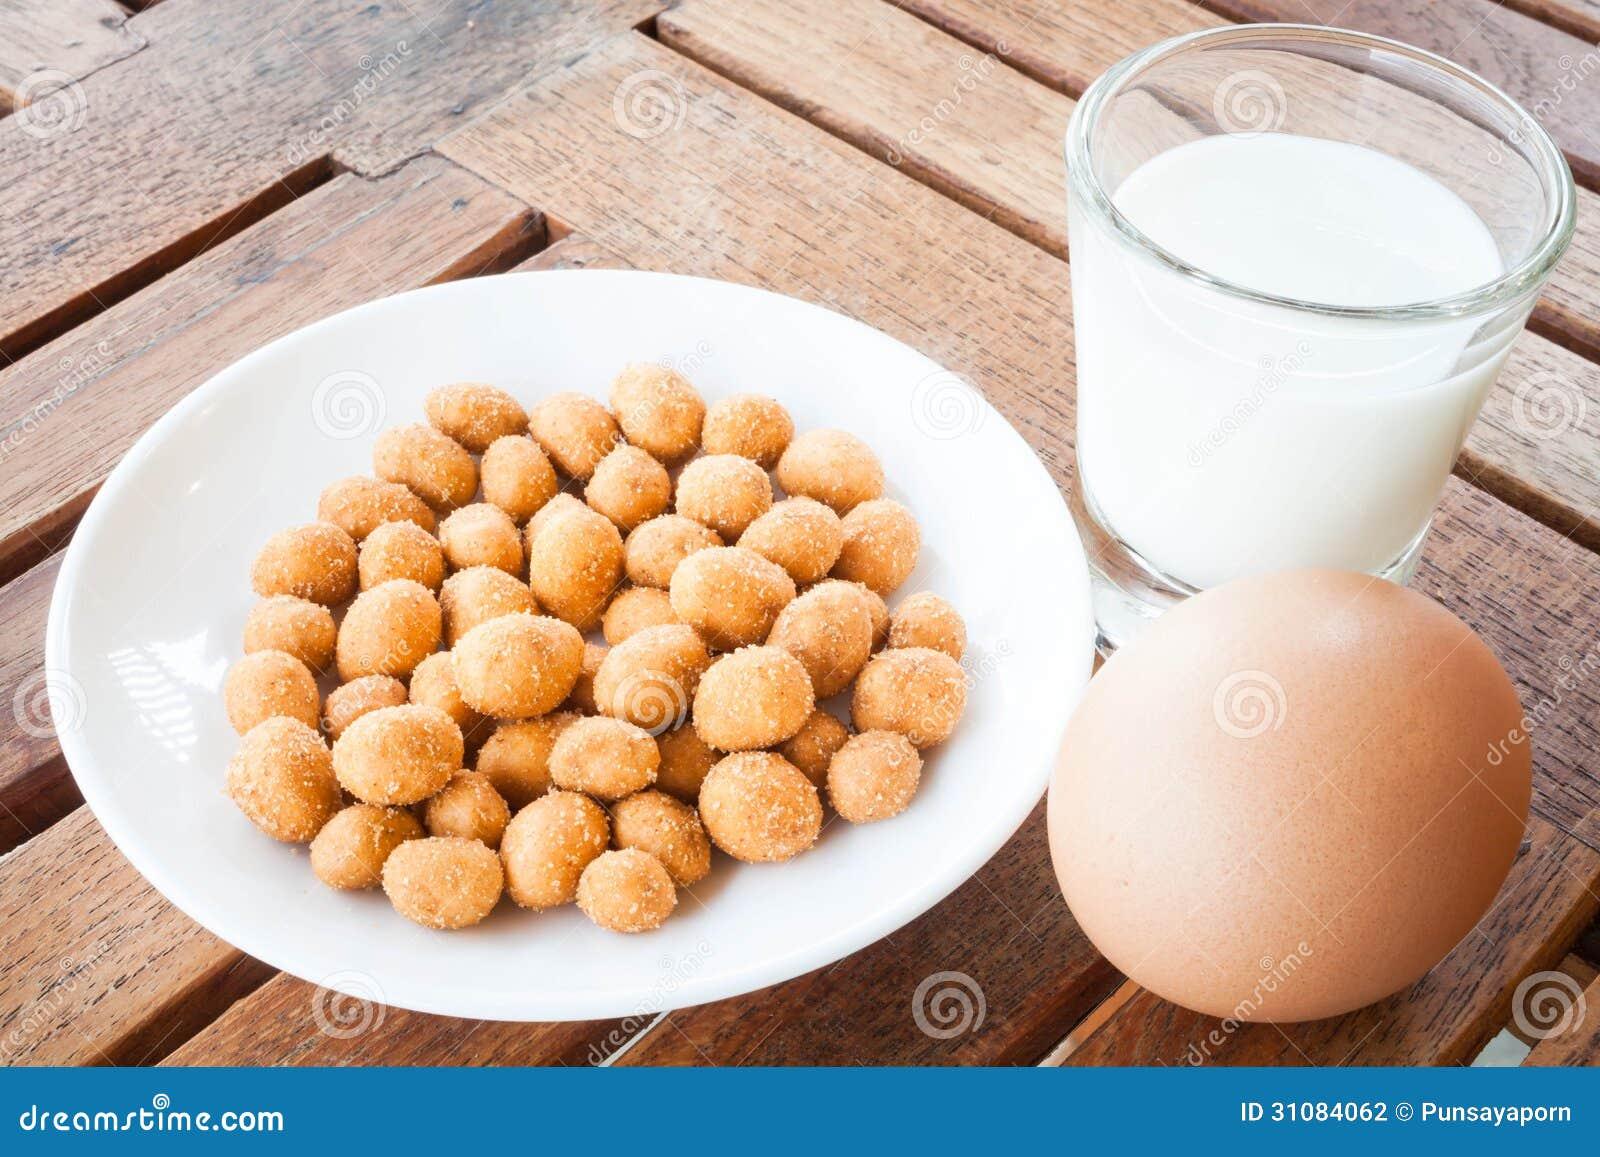 Proteinowe odżywki